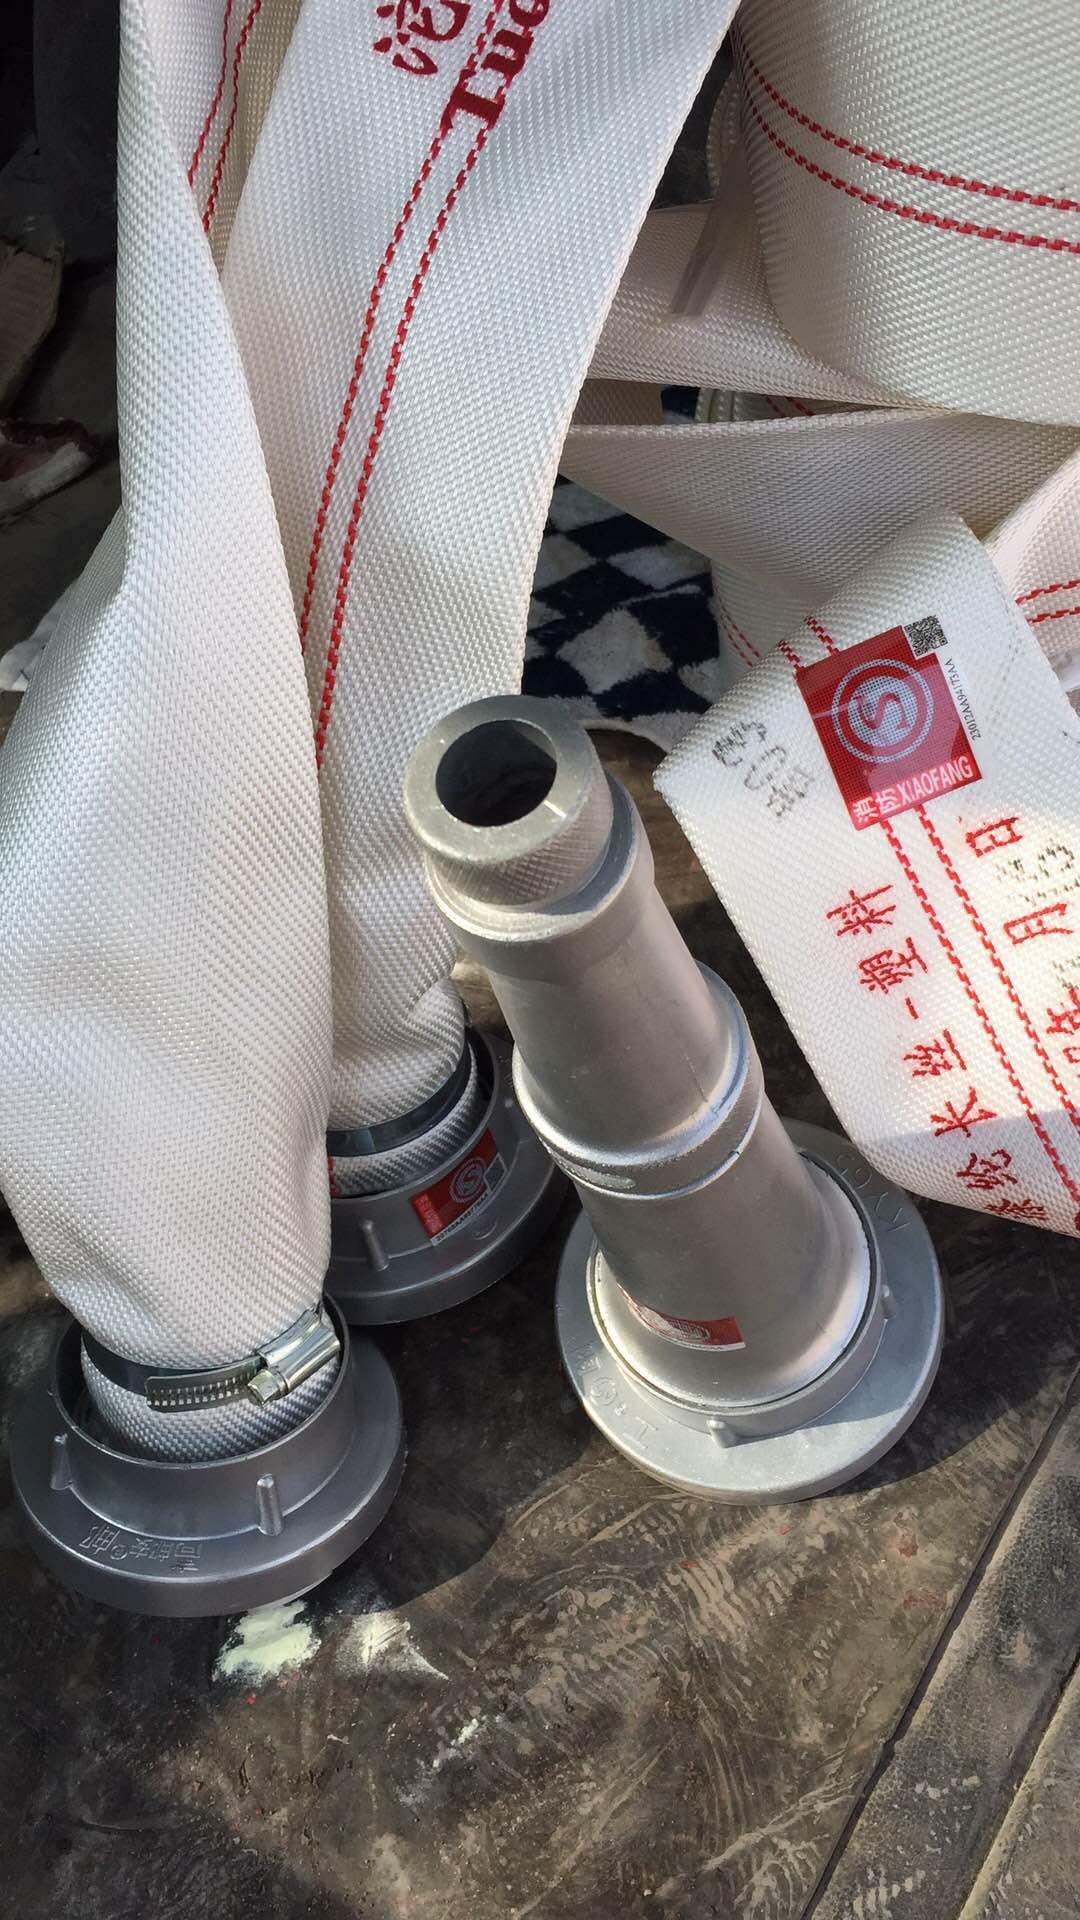 消防水带 贵阳优质消防水带 贵州消防水带保养 贵州消防水带安装